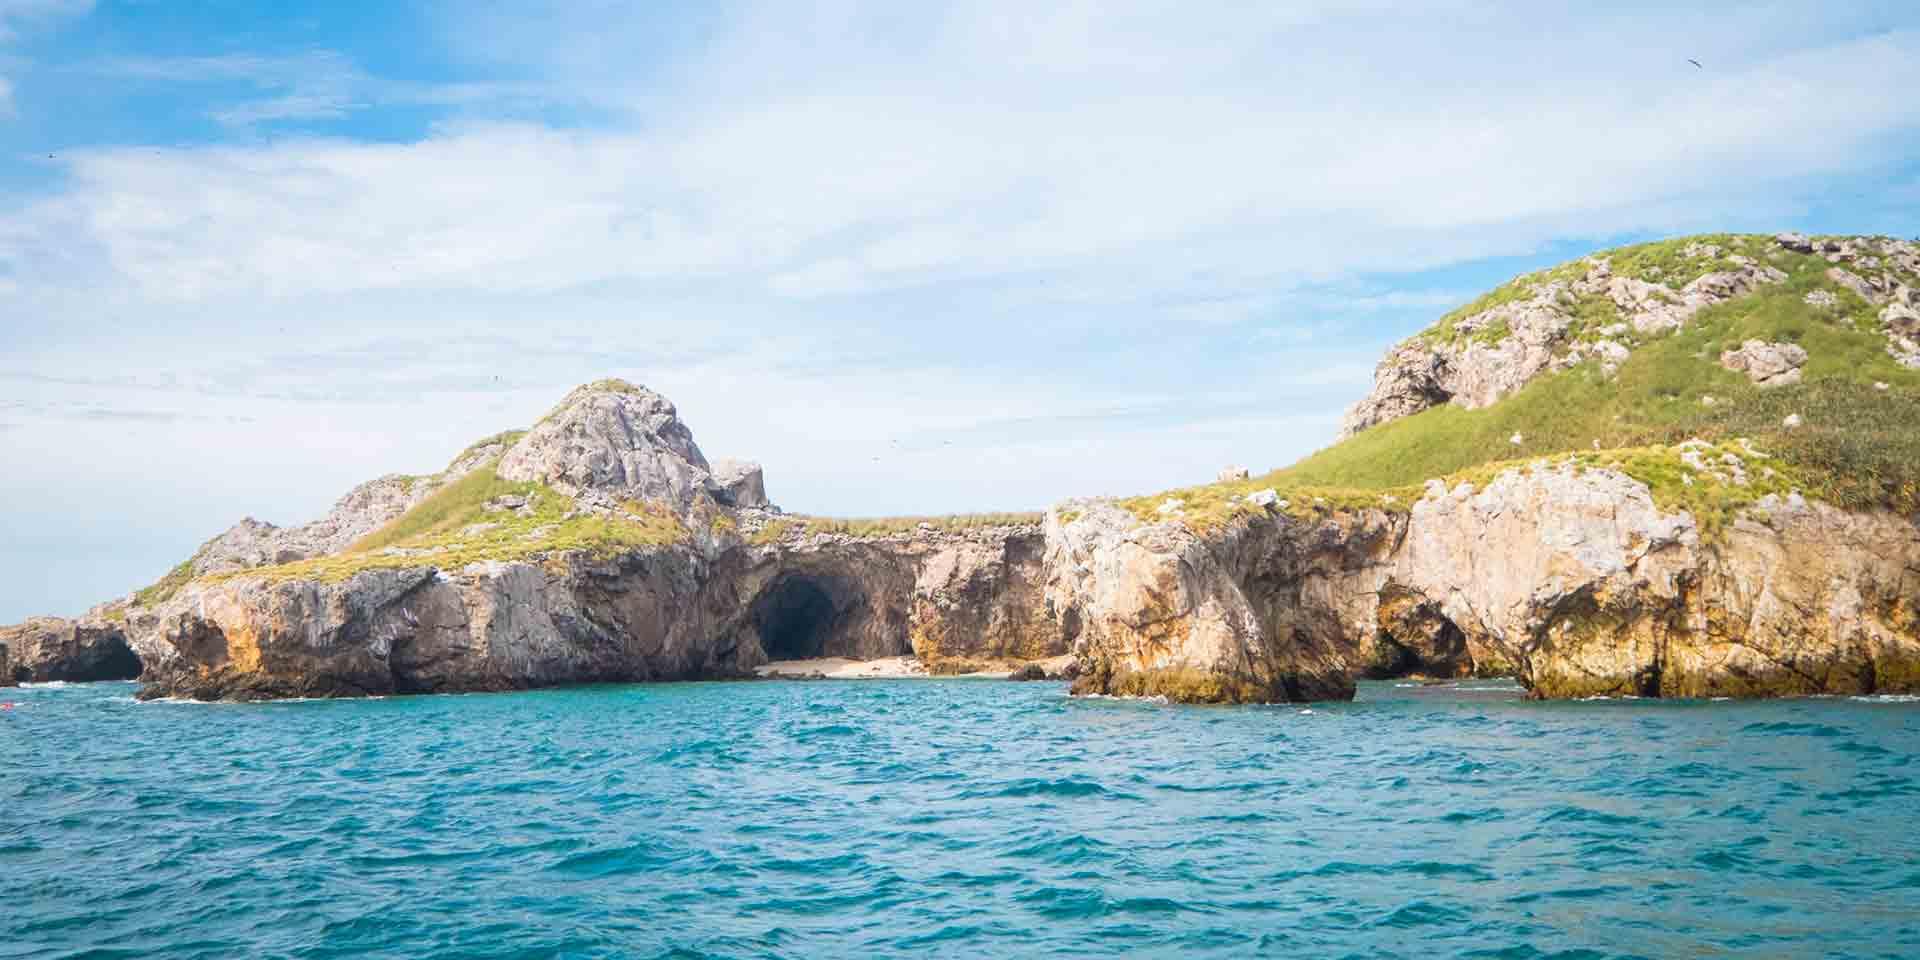 MARRIOTT TRAVELER - Qué Hacer en Punta de Mita: Itinerario Para un Fin de Semana     Photo credit: Marriott Traveler